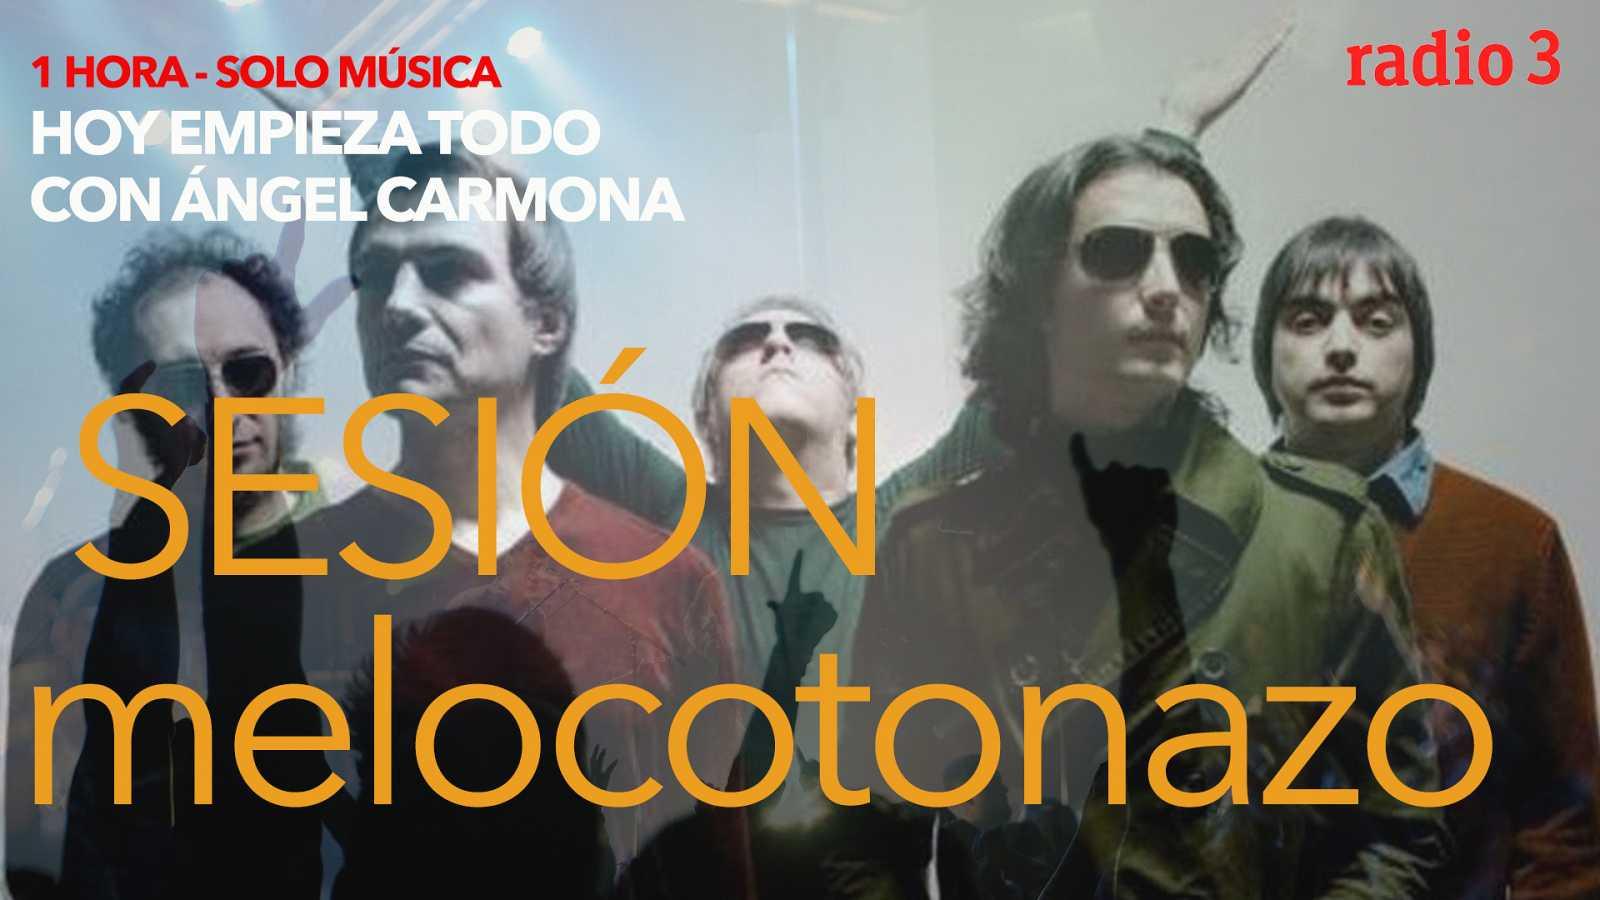 """Hoy empieza todo con Ángel Carmona - """"#SesiónMelocotonazo"""": George Harrison, Los Planetas, Pet Shop Boys... - 27/11/20 - escuchar ahora"""